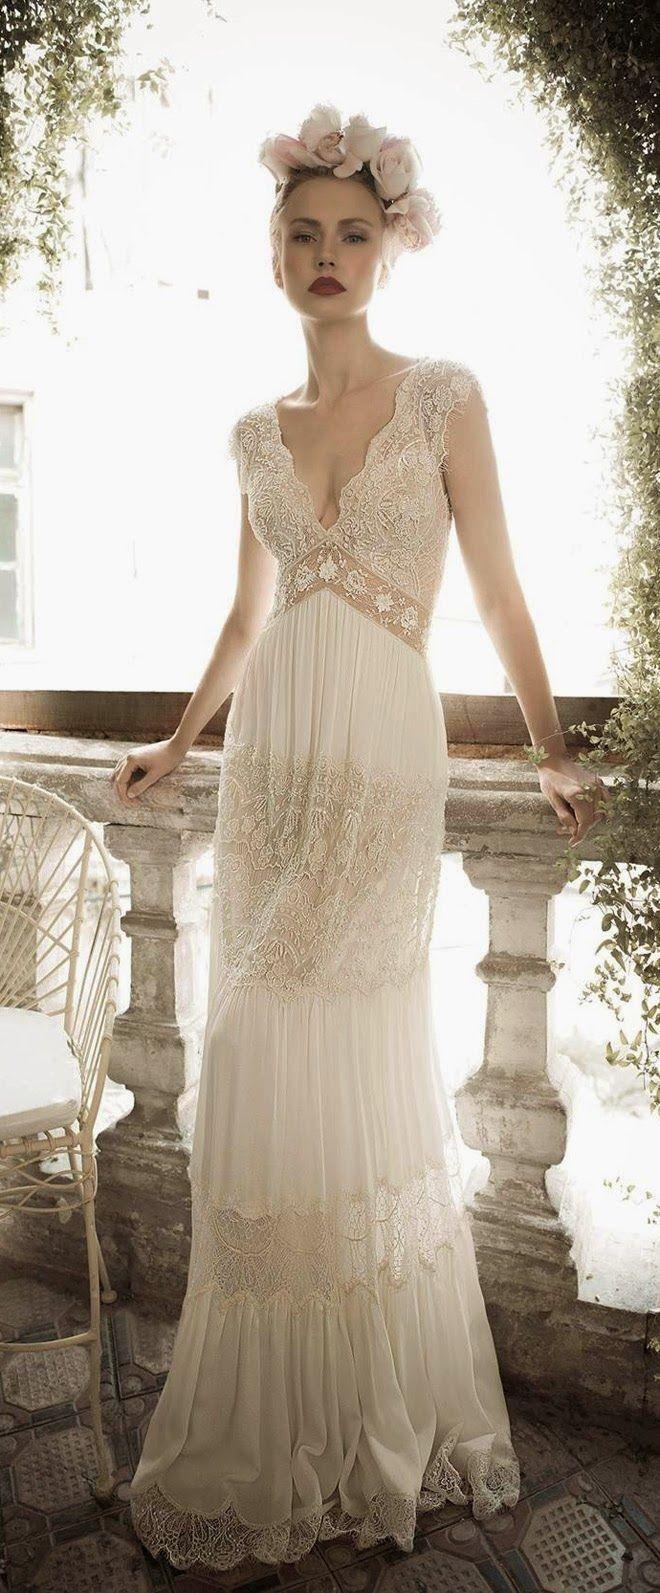 Ideias de vestido de casamento.